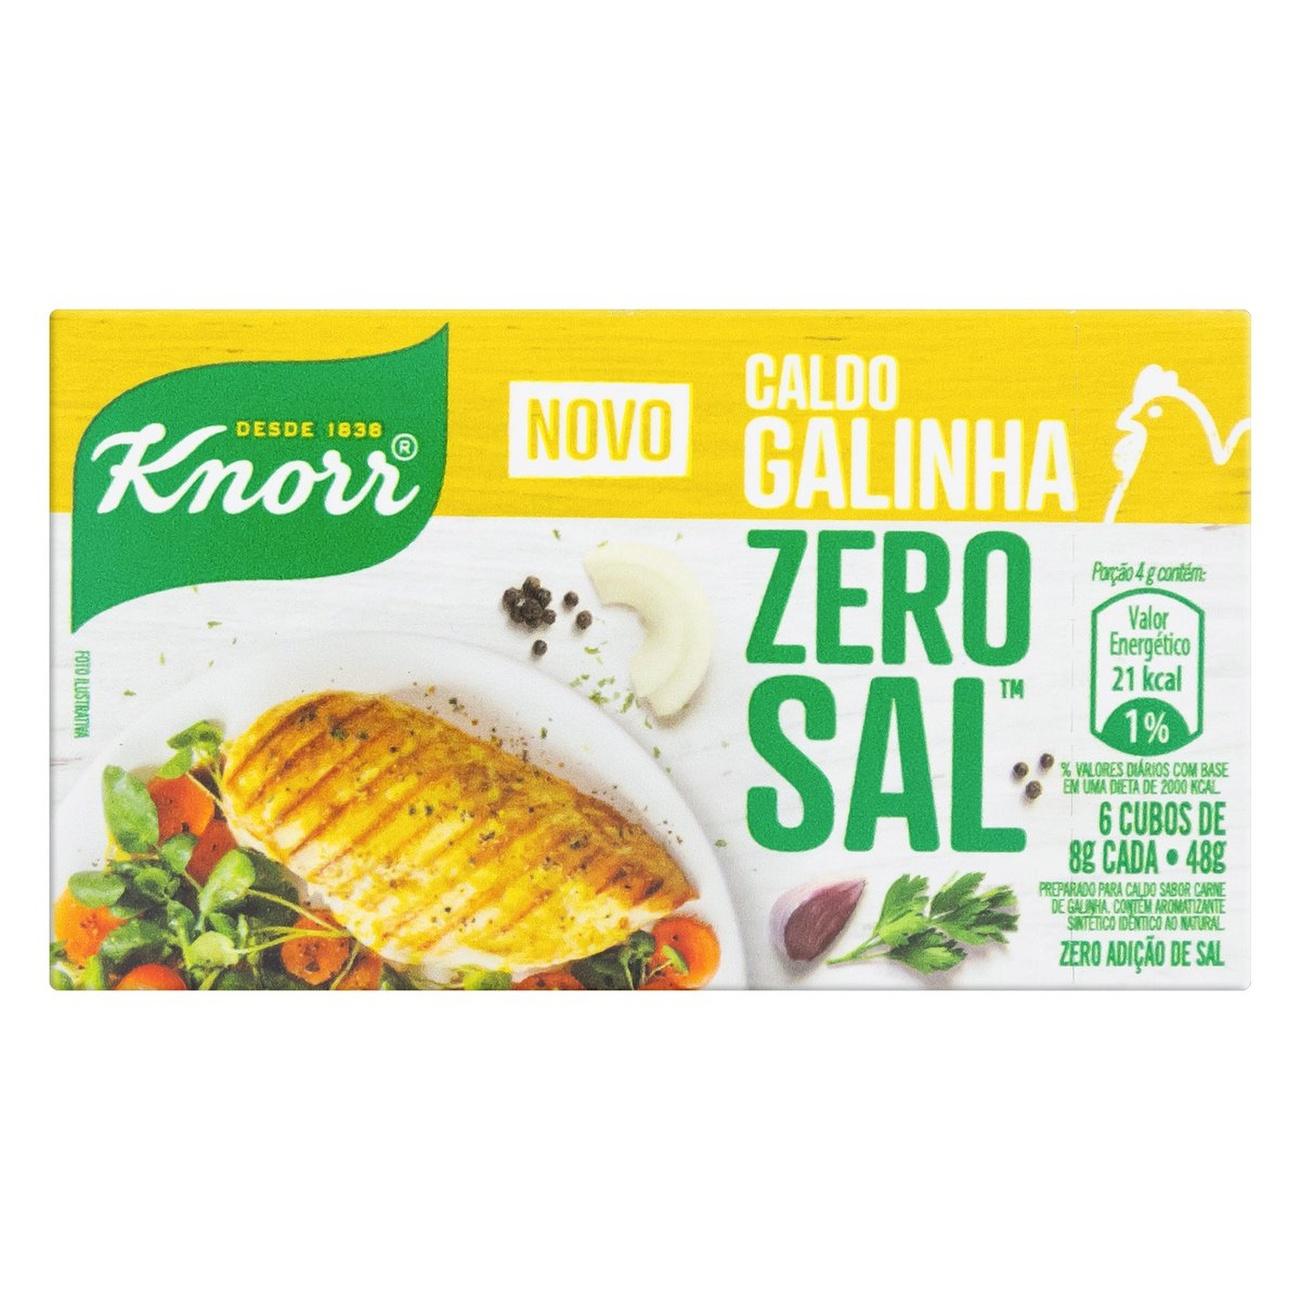 Caldo Knorr Galinha Zero Sal 48Gr